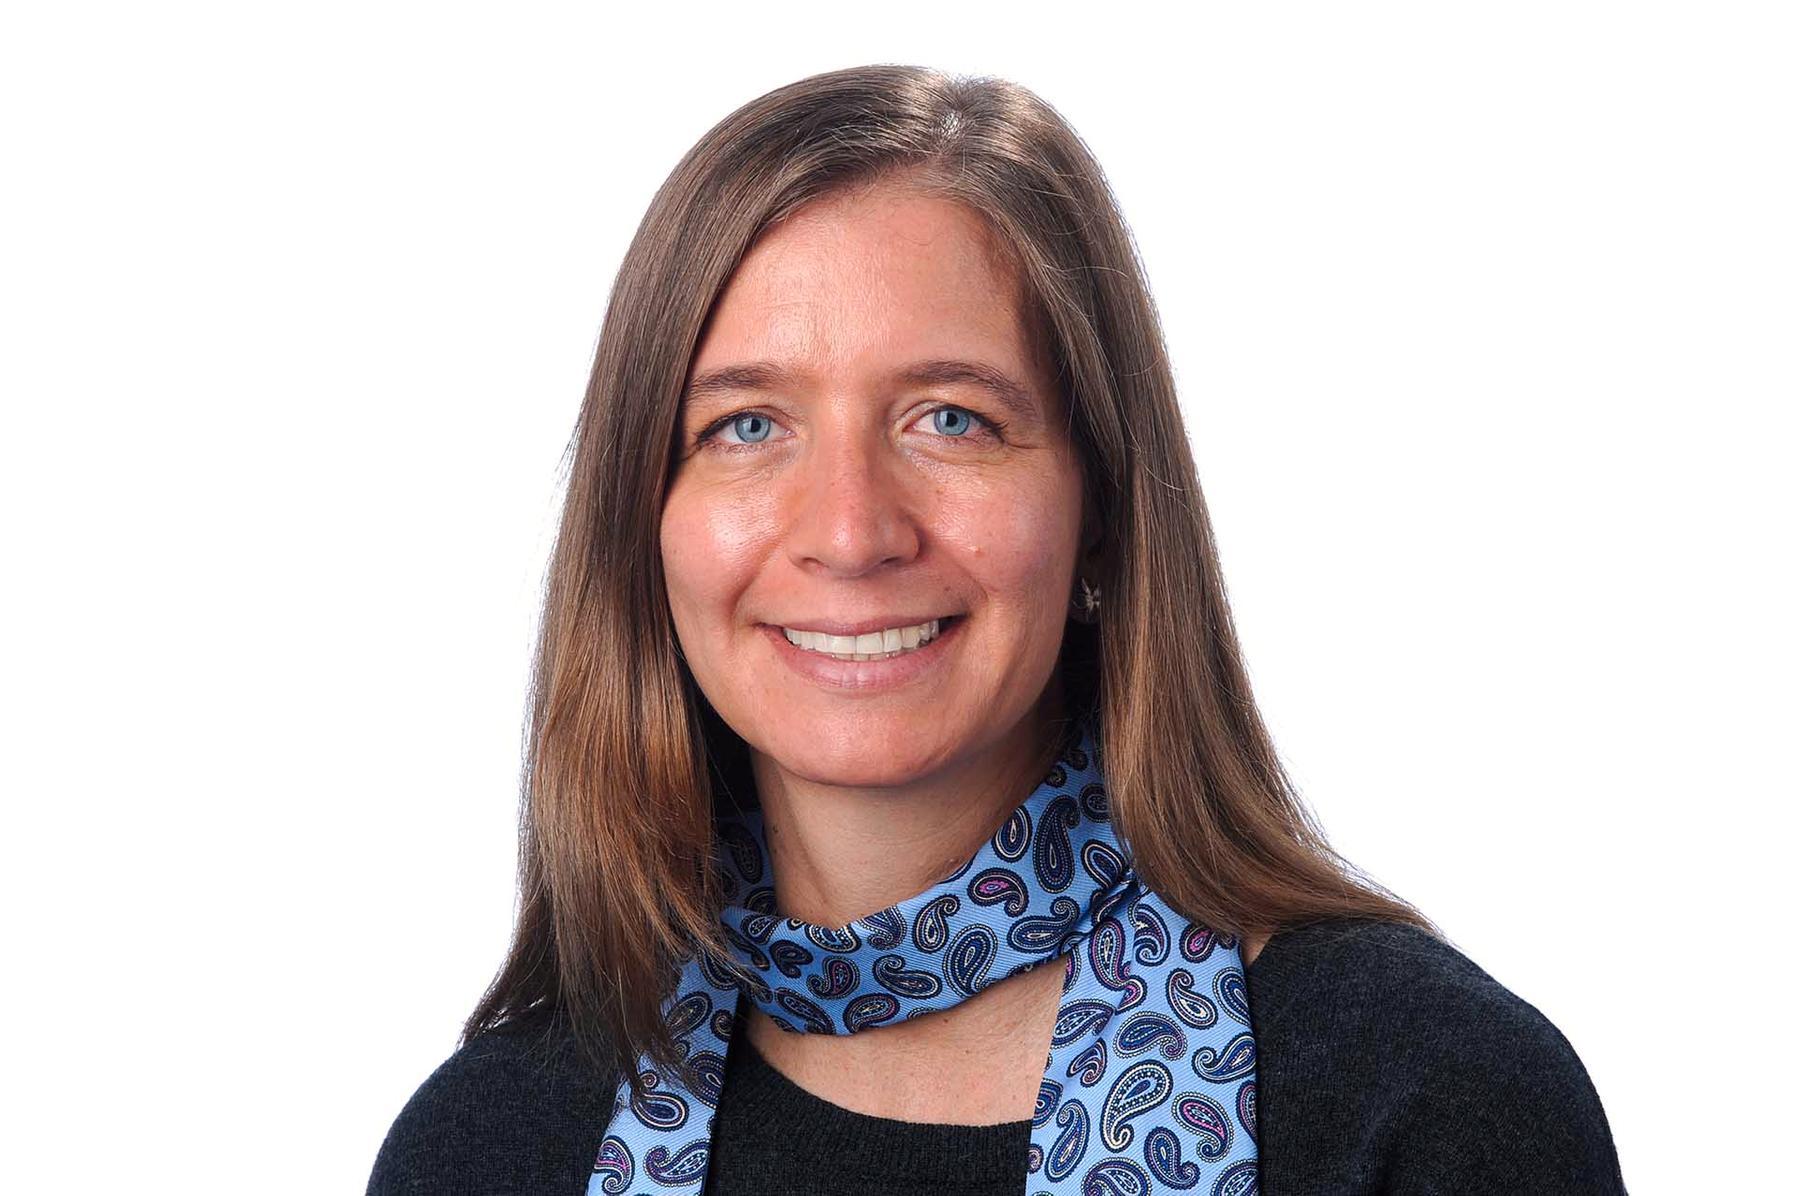 Camilla Rothe